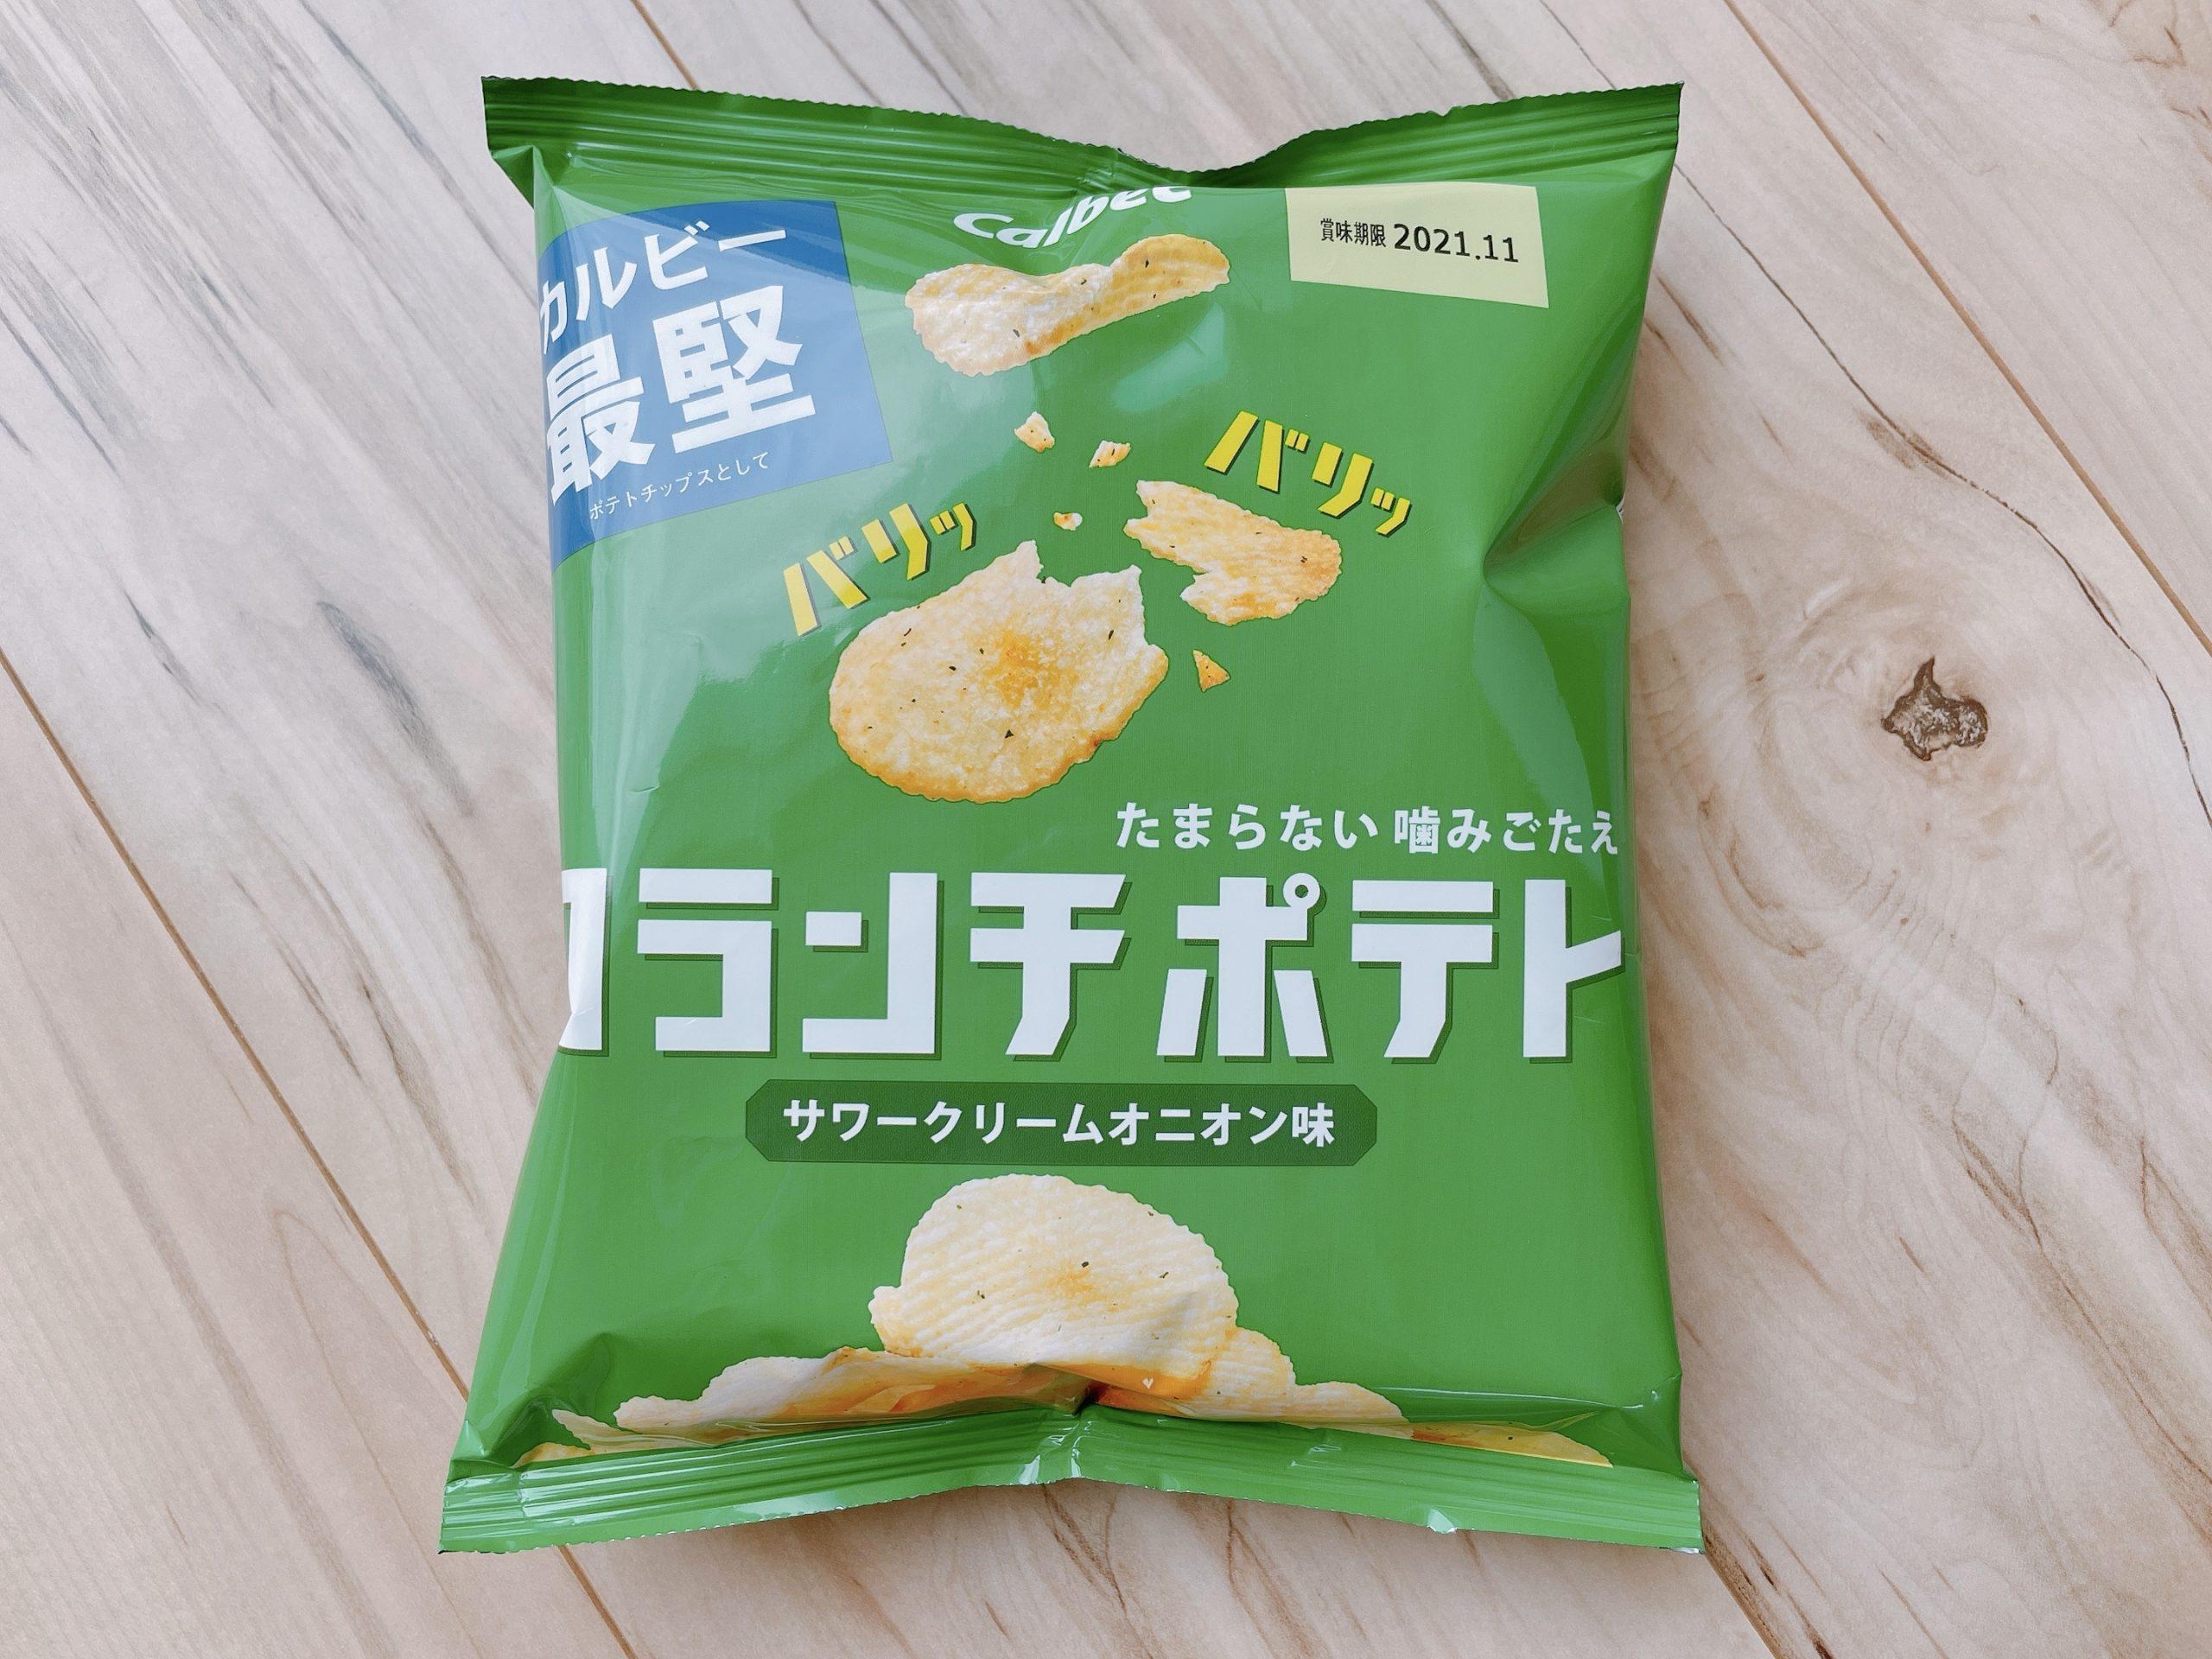 クランチポテト<サワークリームオニオン味>のパッケージ